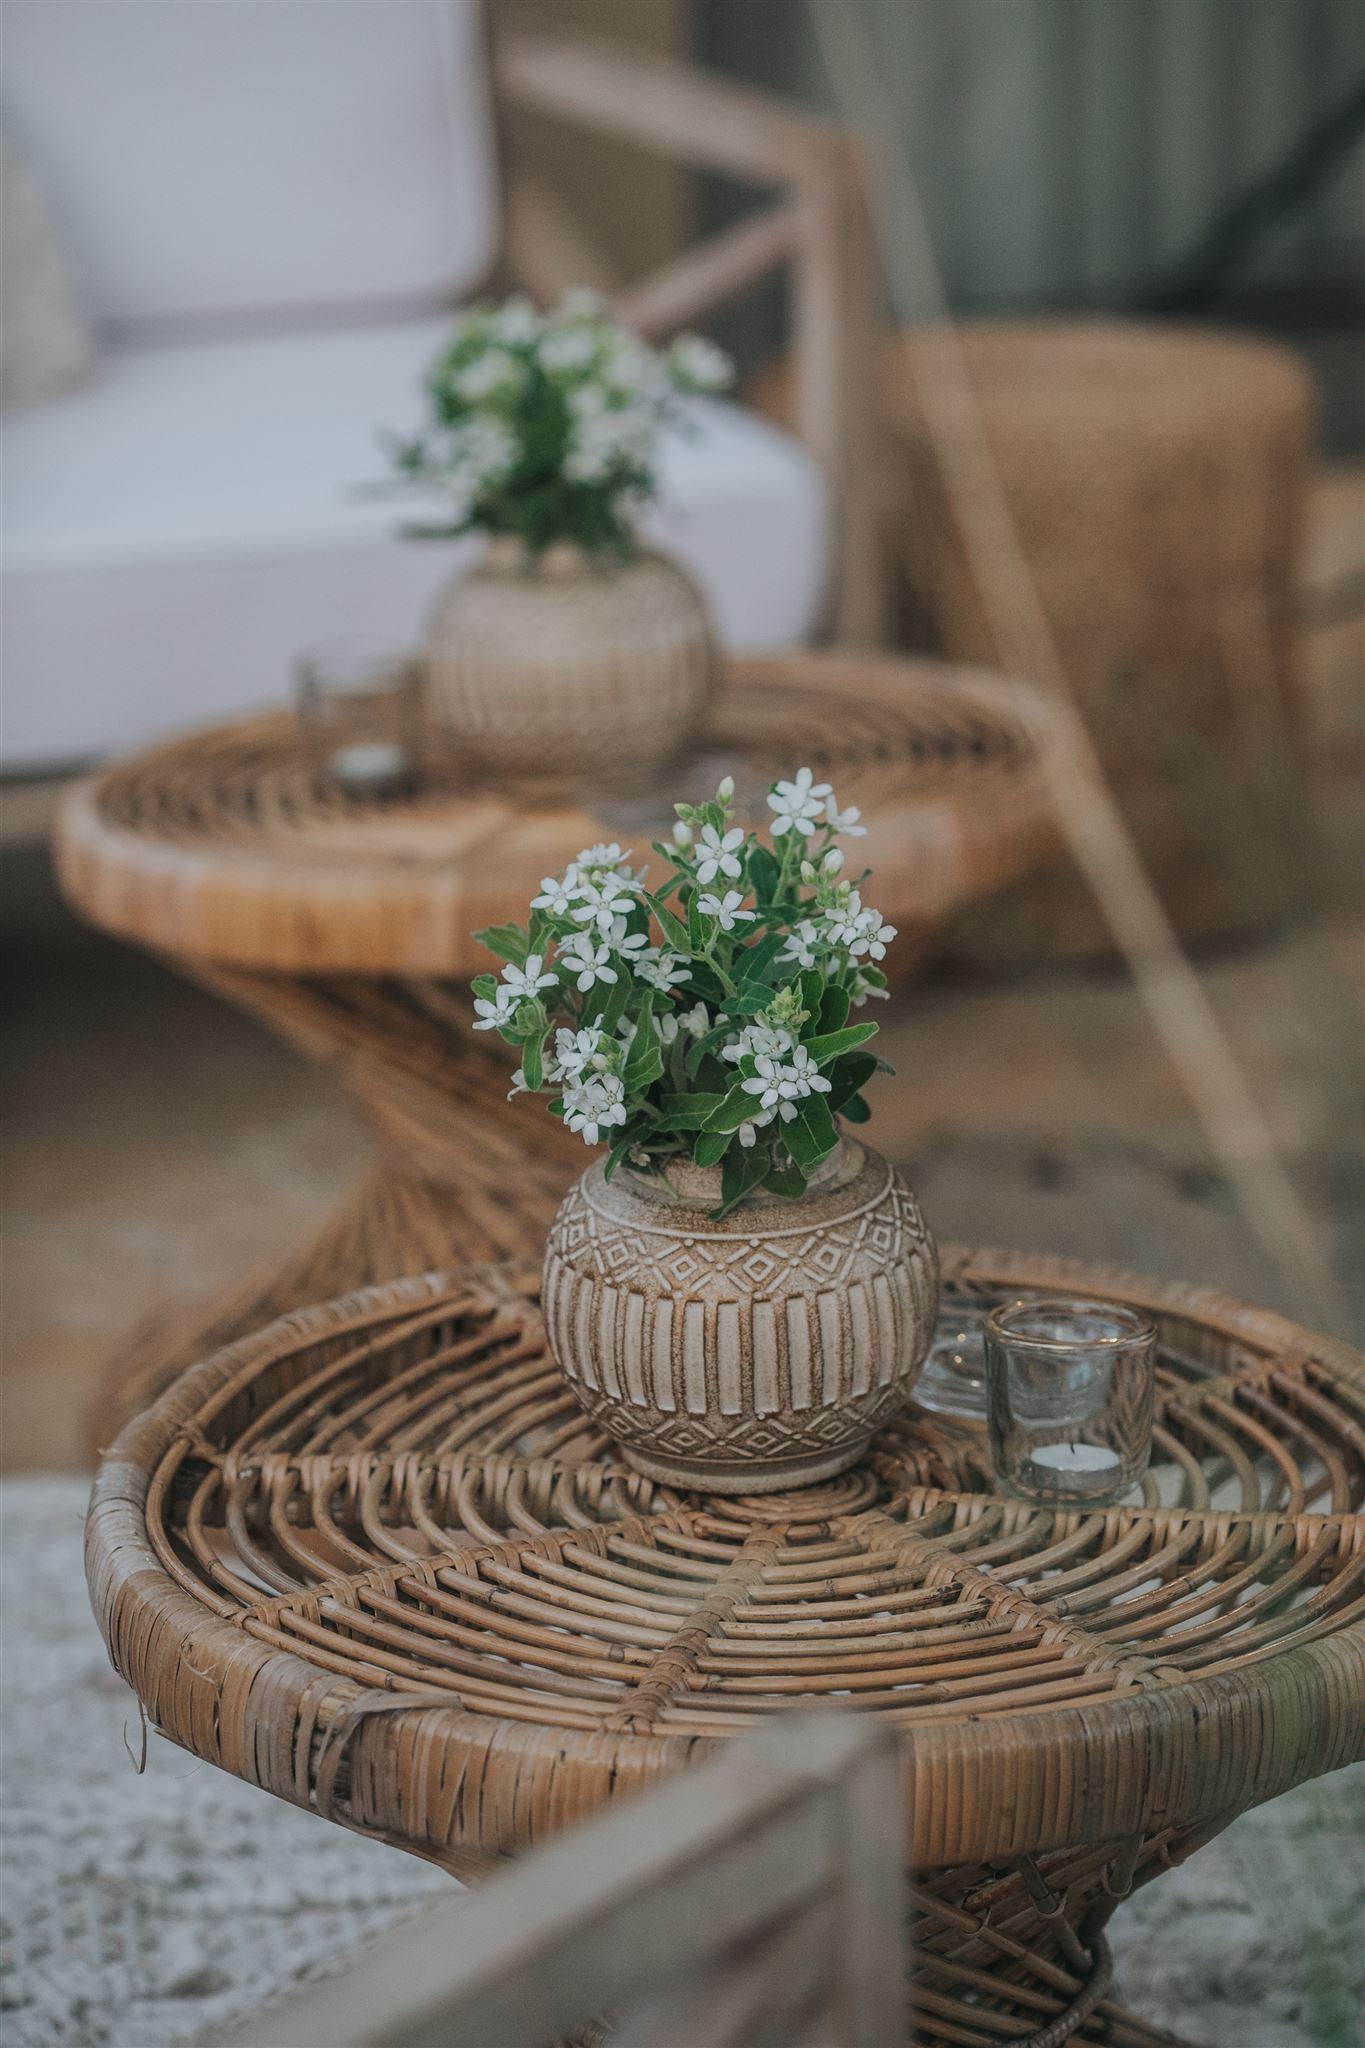 בשלט רחוק מאפריקה: חתונה ביתית קטנה בסגנון כפרי